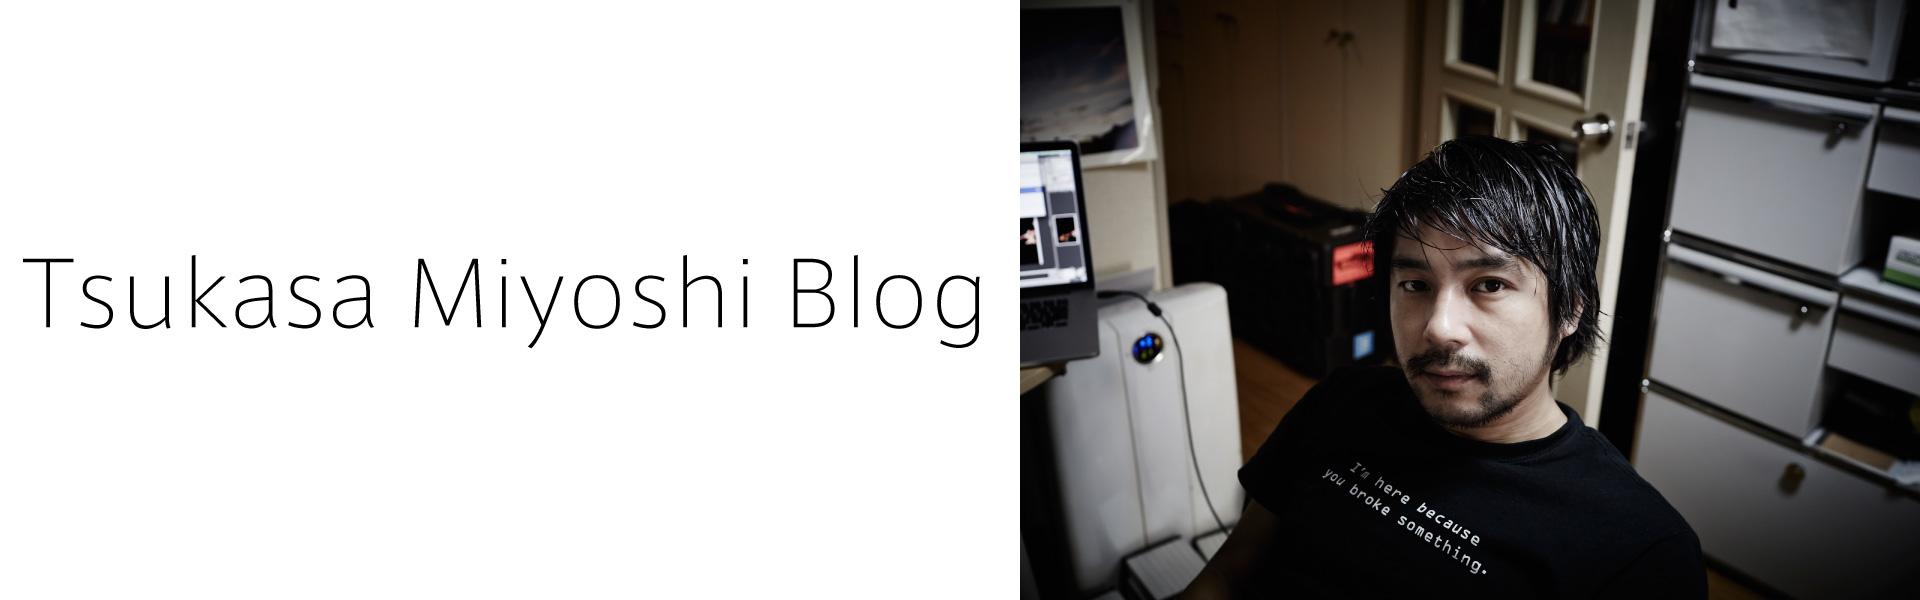 Tsukasa Miyoshi Blog